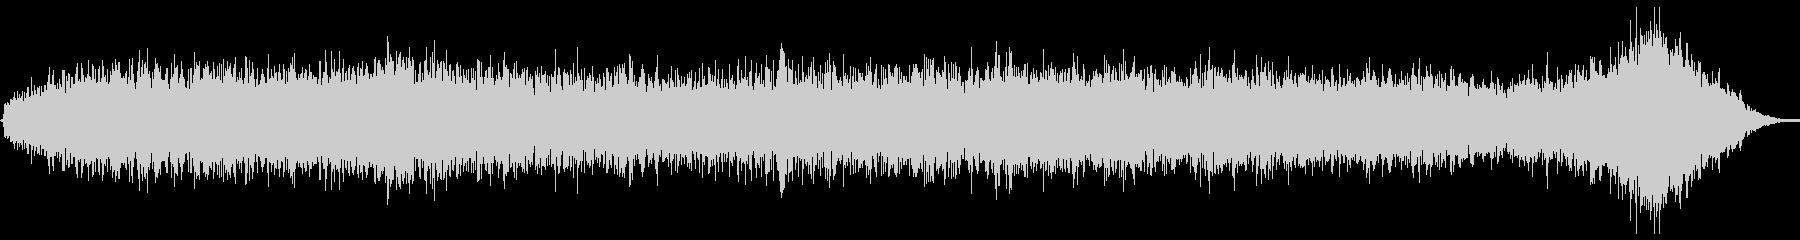 ヒューシュフランジエアーピッチの未再生の波形